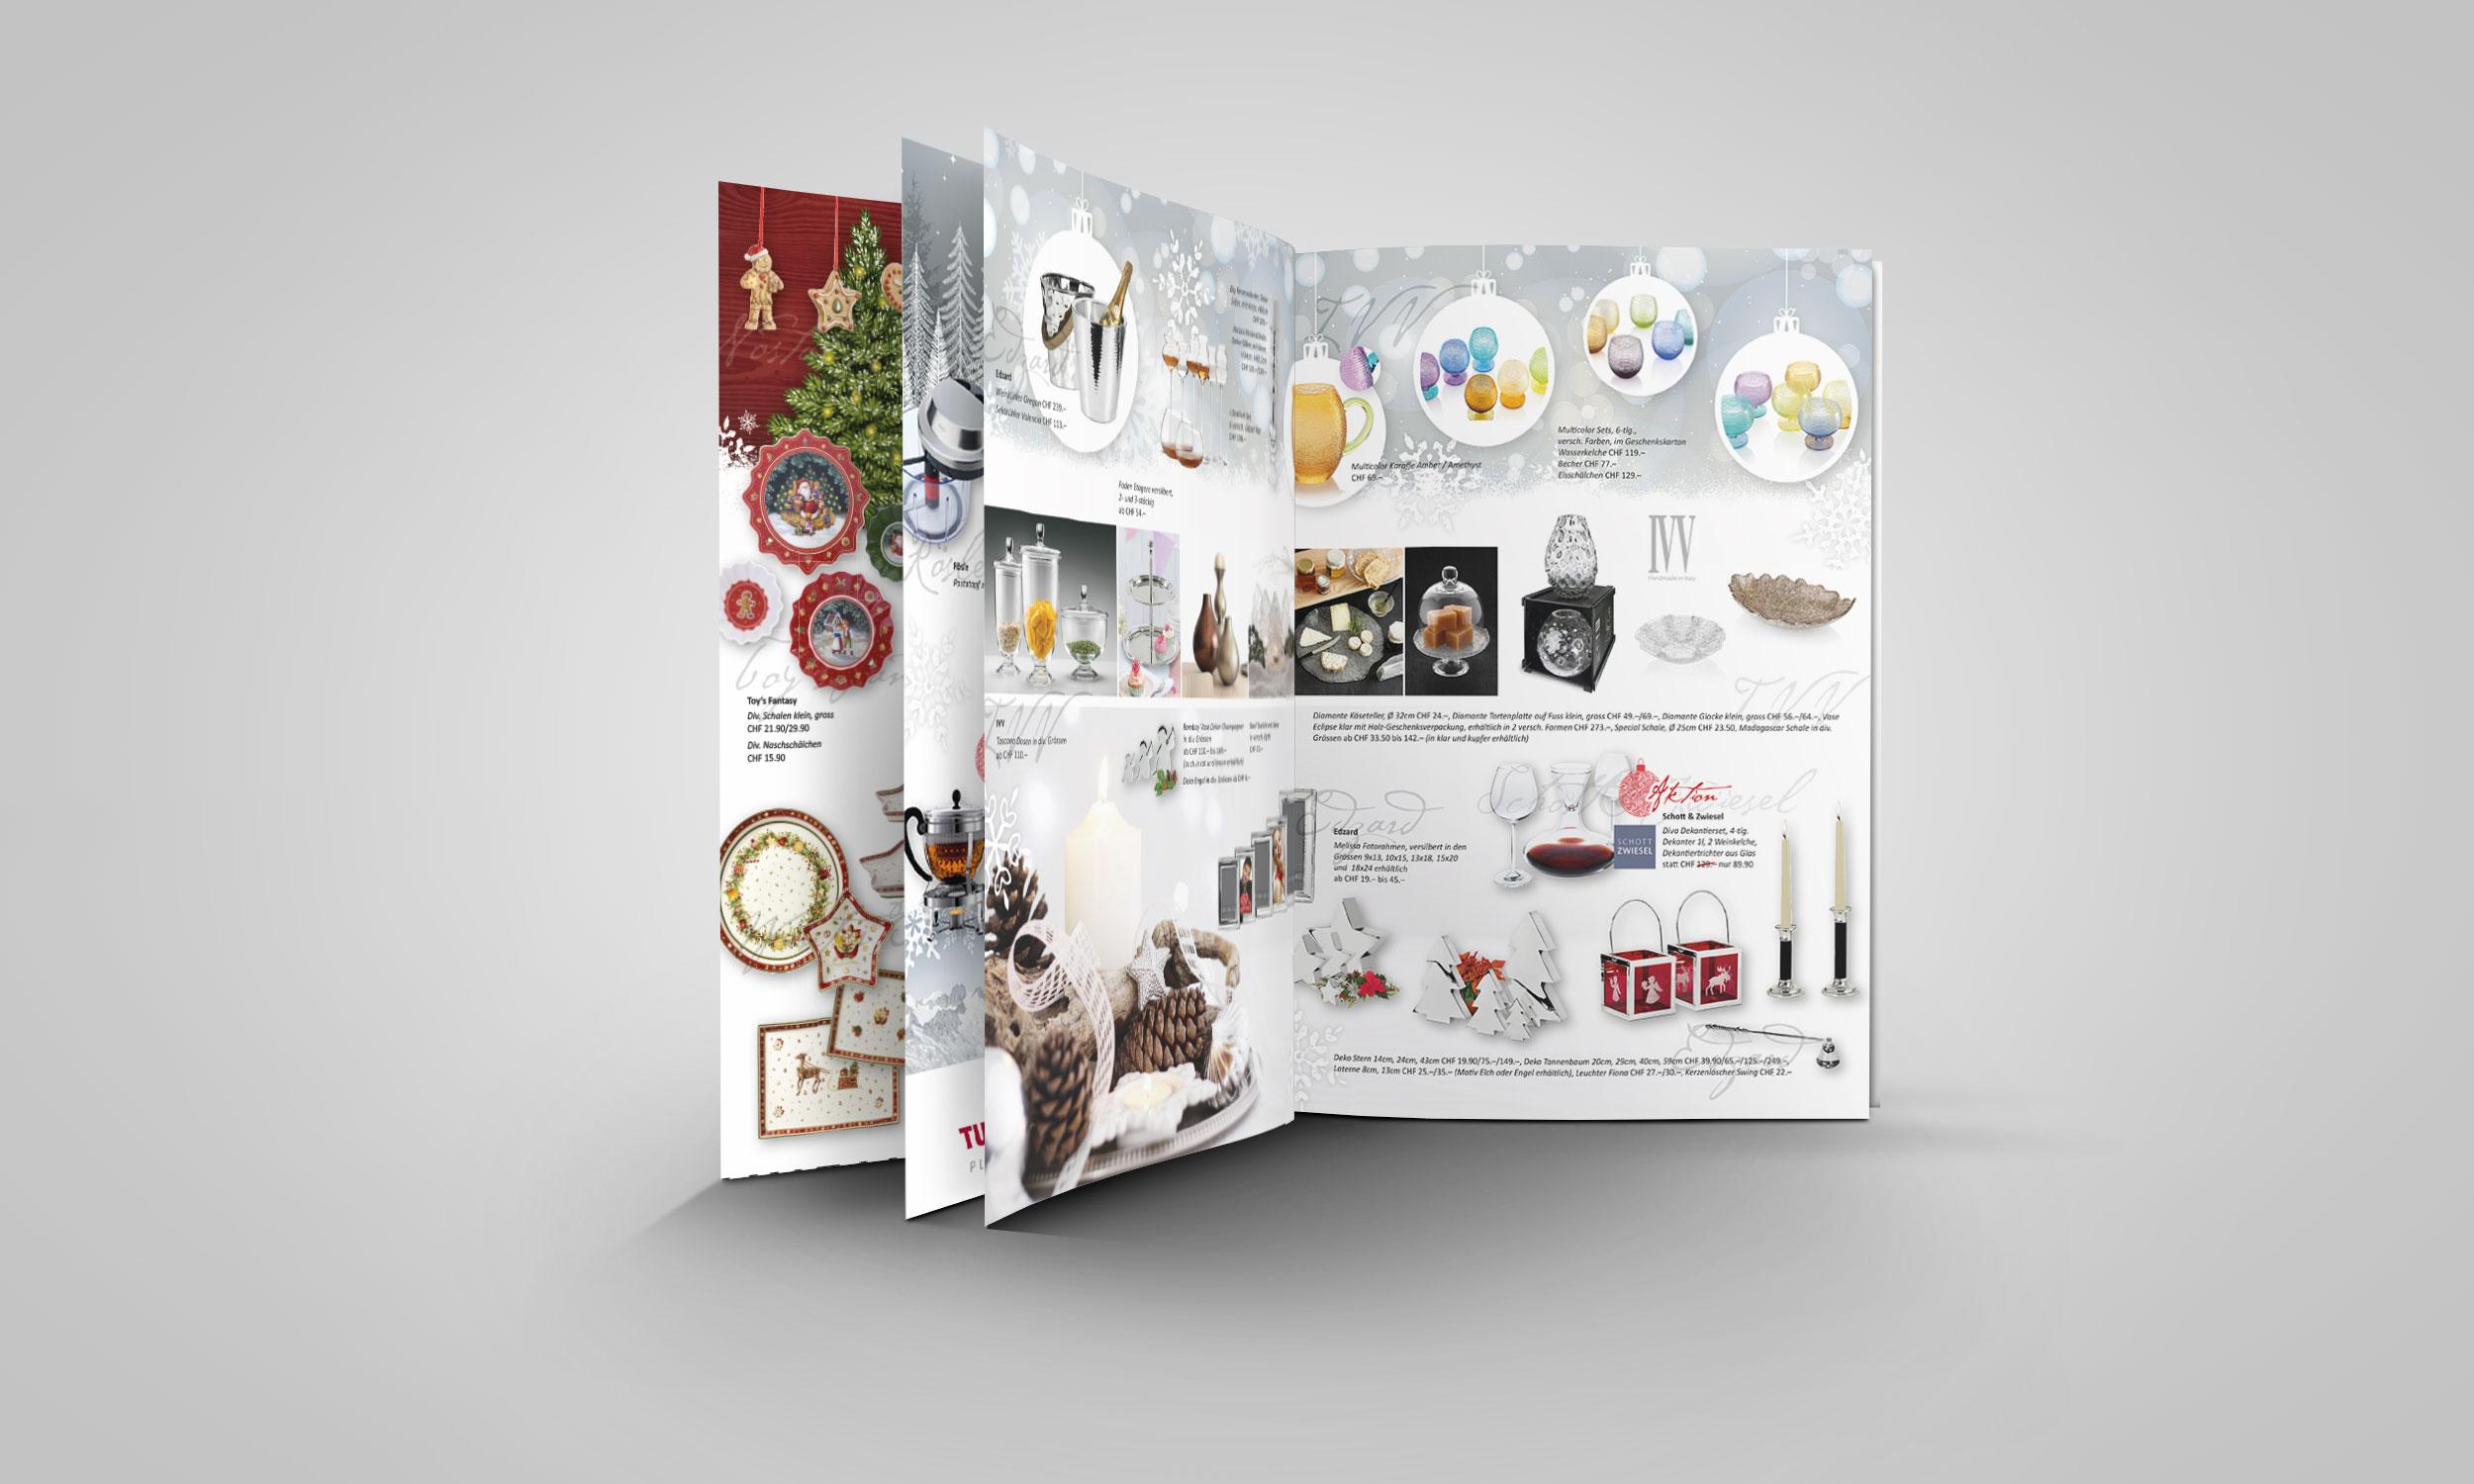 greber-Weihnachtsprospekt-4.jpg